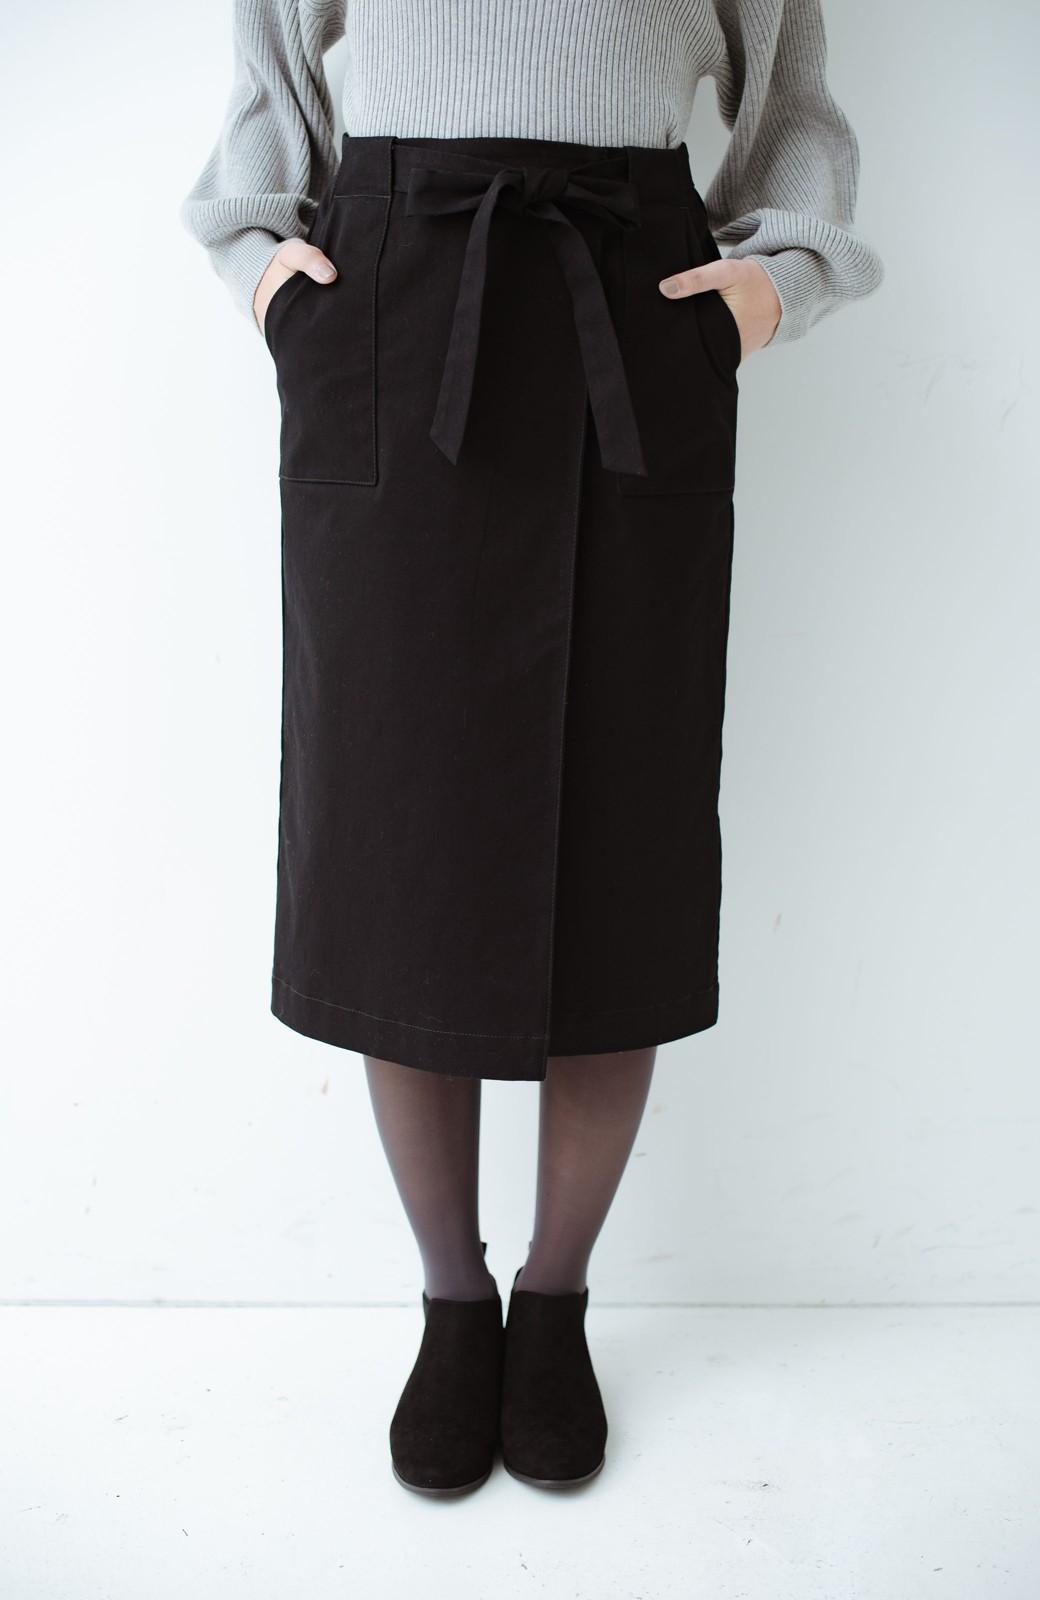 haco! パッと着るだけで女らしくてかっこいい ラップ風ストレッチスカート by que made me <ブラック>の商品写真2